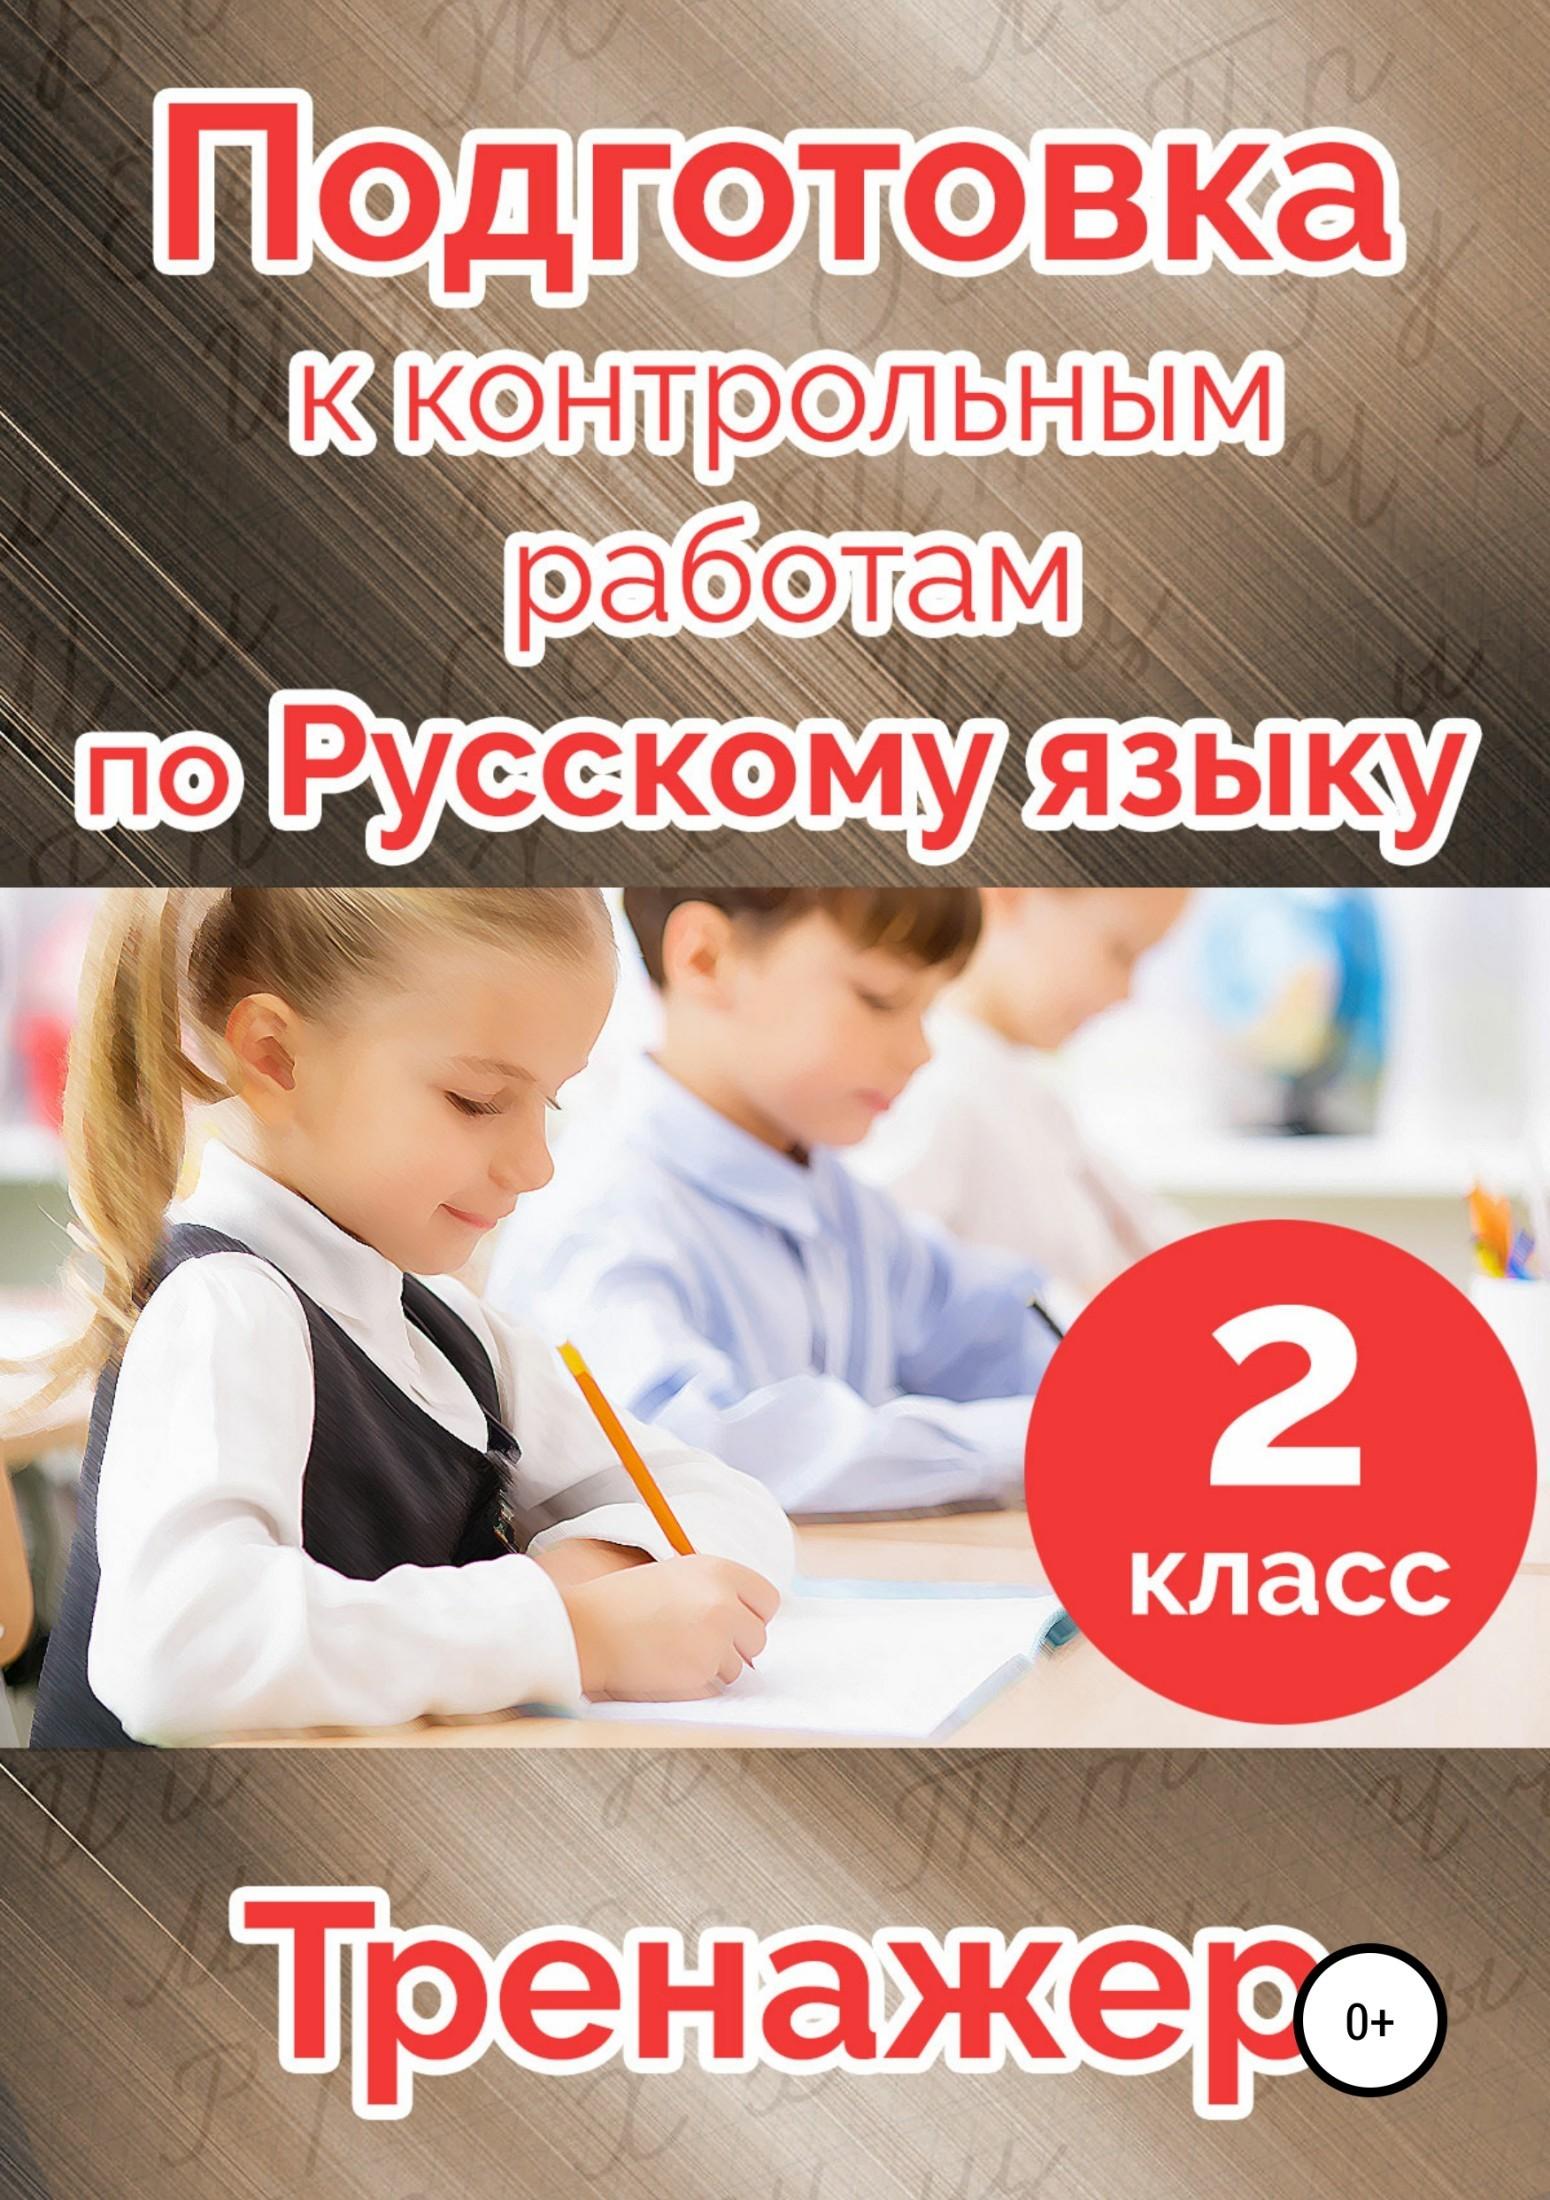 Татьяна Владимировна Векшина Подготовка к контрольным работам по русскому языку. 2 класс